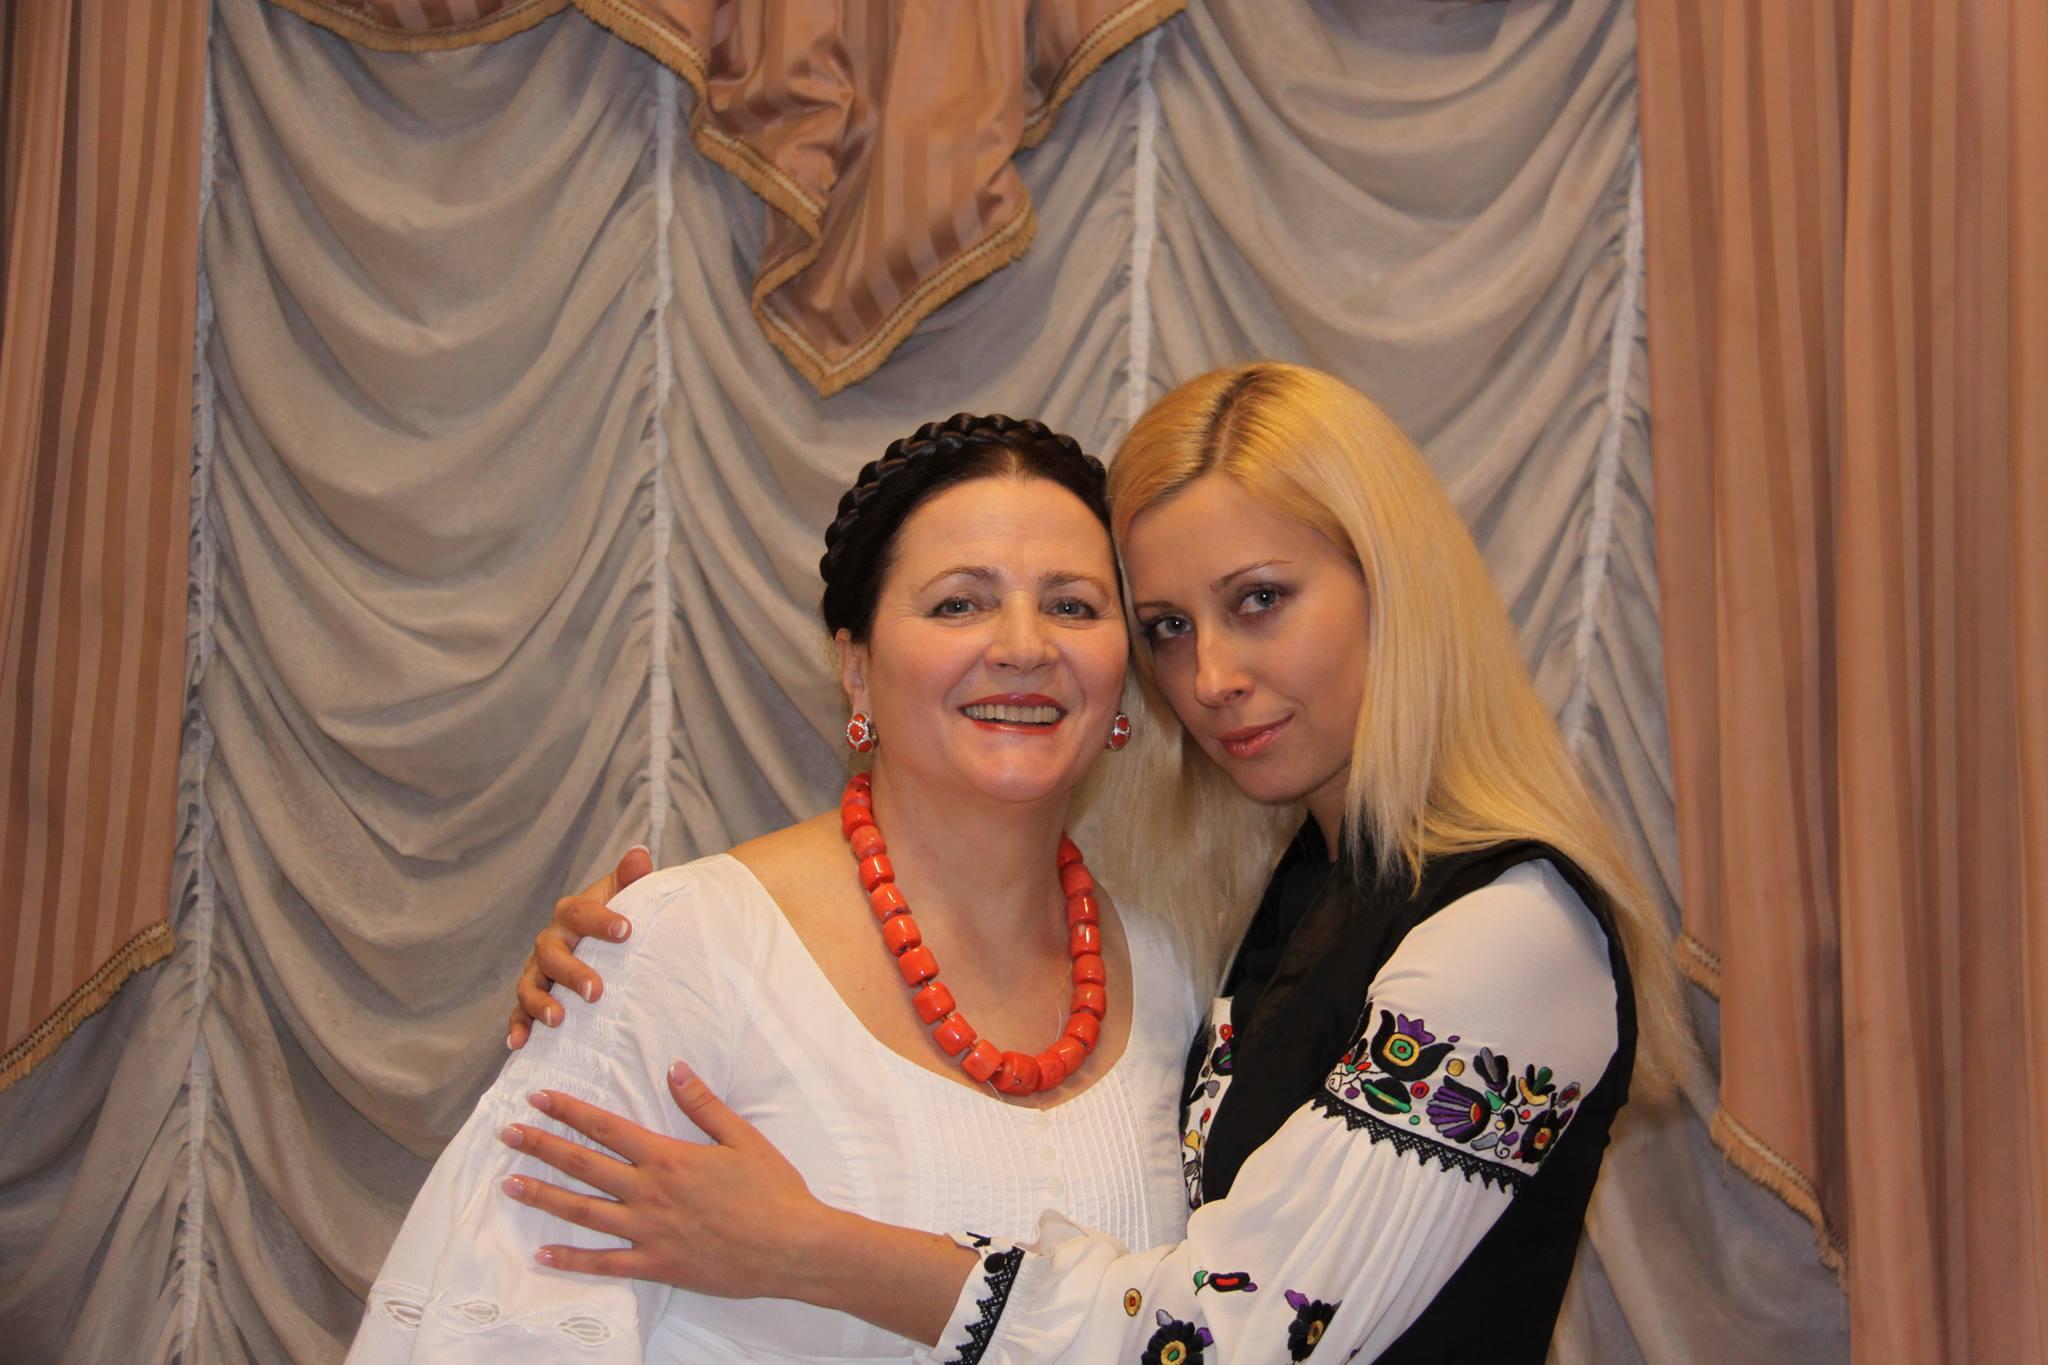 matvienko6 Тоня Матвієнко — UA MUSIC   Енциклопедія української музики